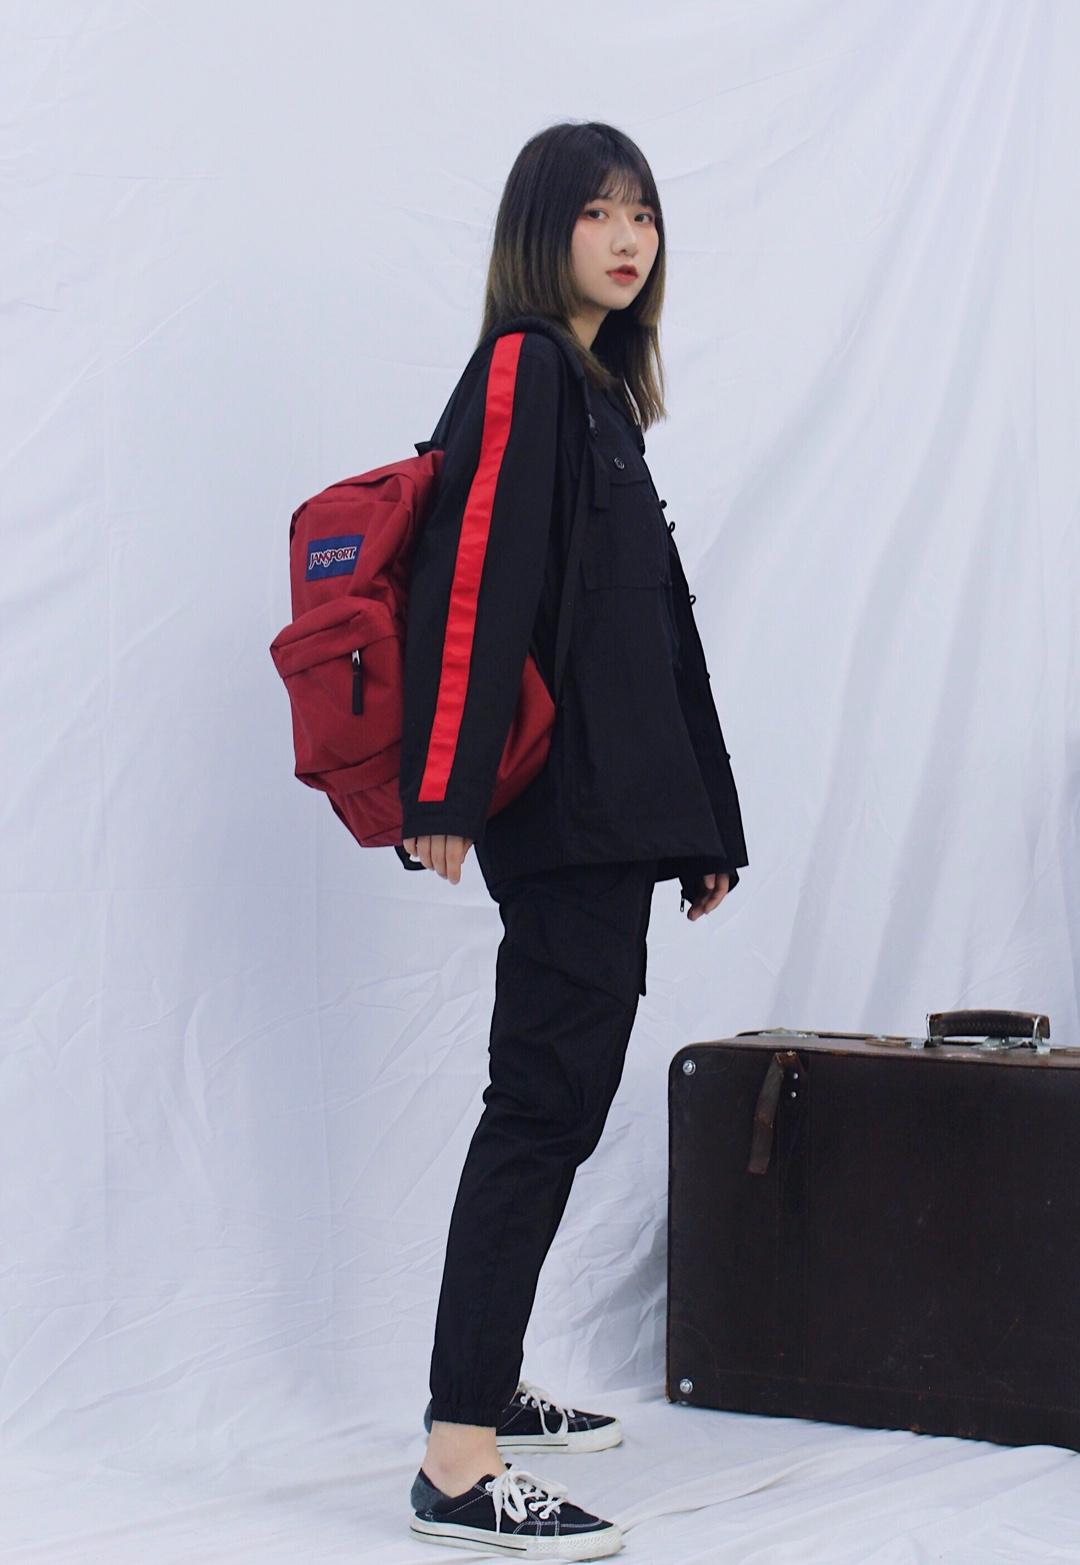 全身采用黑红色搭配 上衣和工装裤都属于帅帅的单品 所以搭配在一起毫不违和  全身黑色的话就用配饰来点亮全身吧~ 红色包包和上衣肩膀条纹颜色呼应 整体色彩不违和 休闲运动减龄的一套~